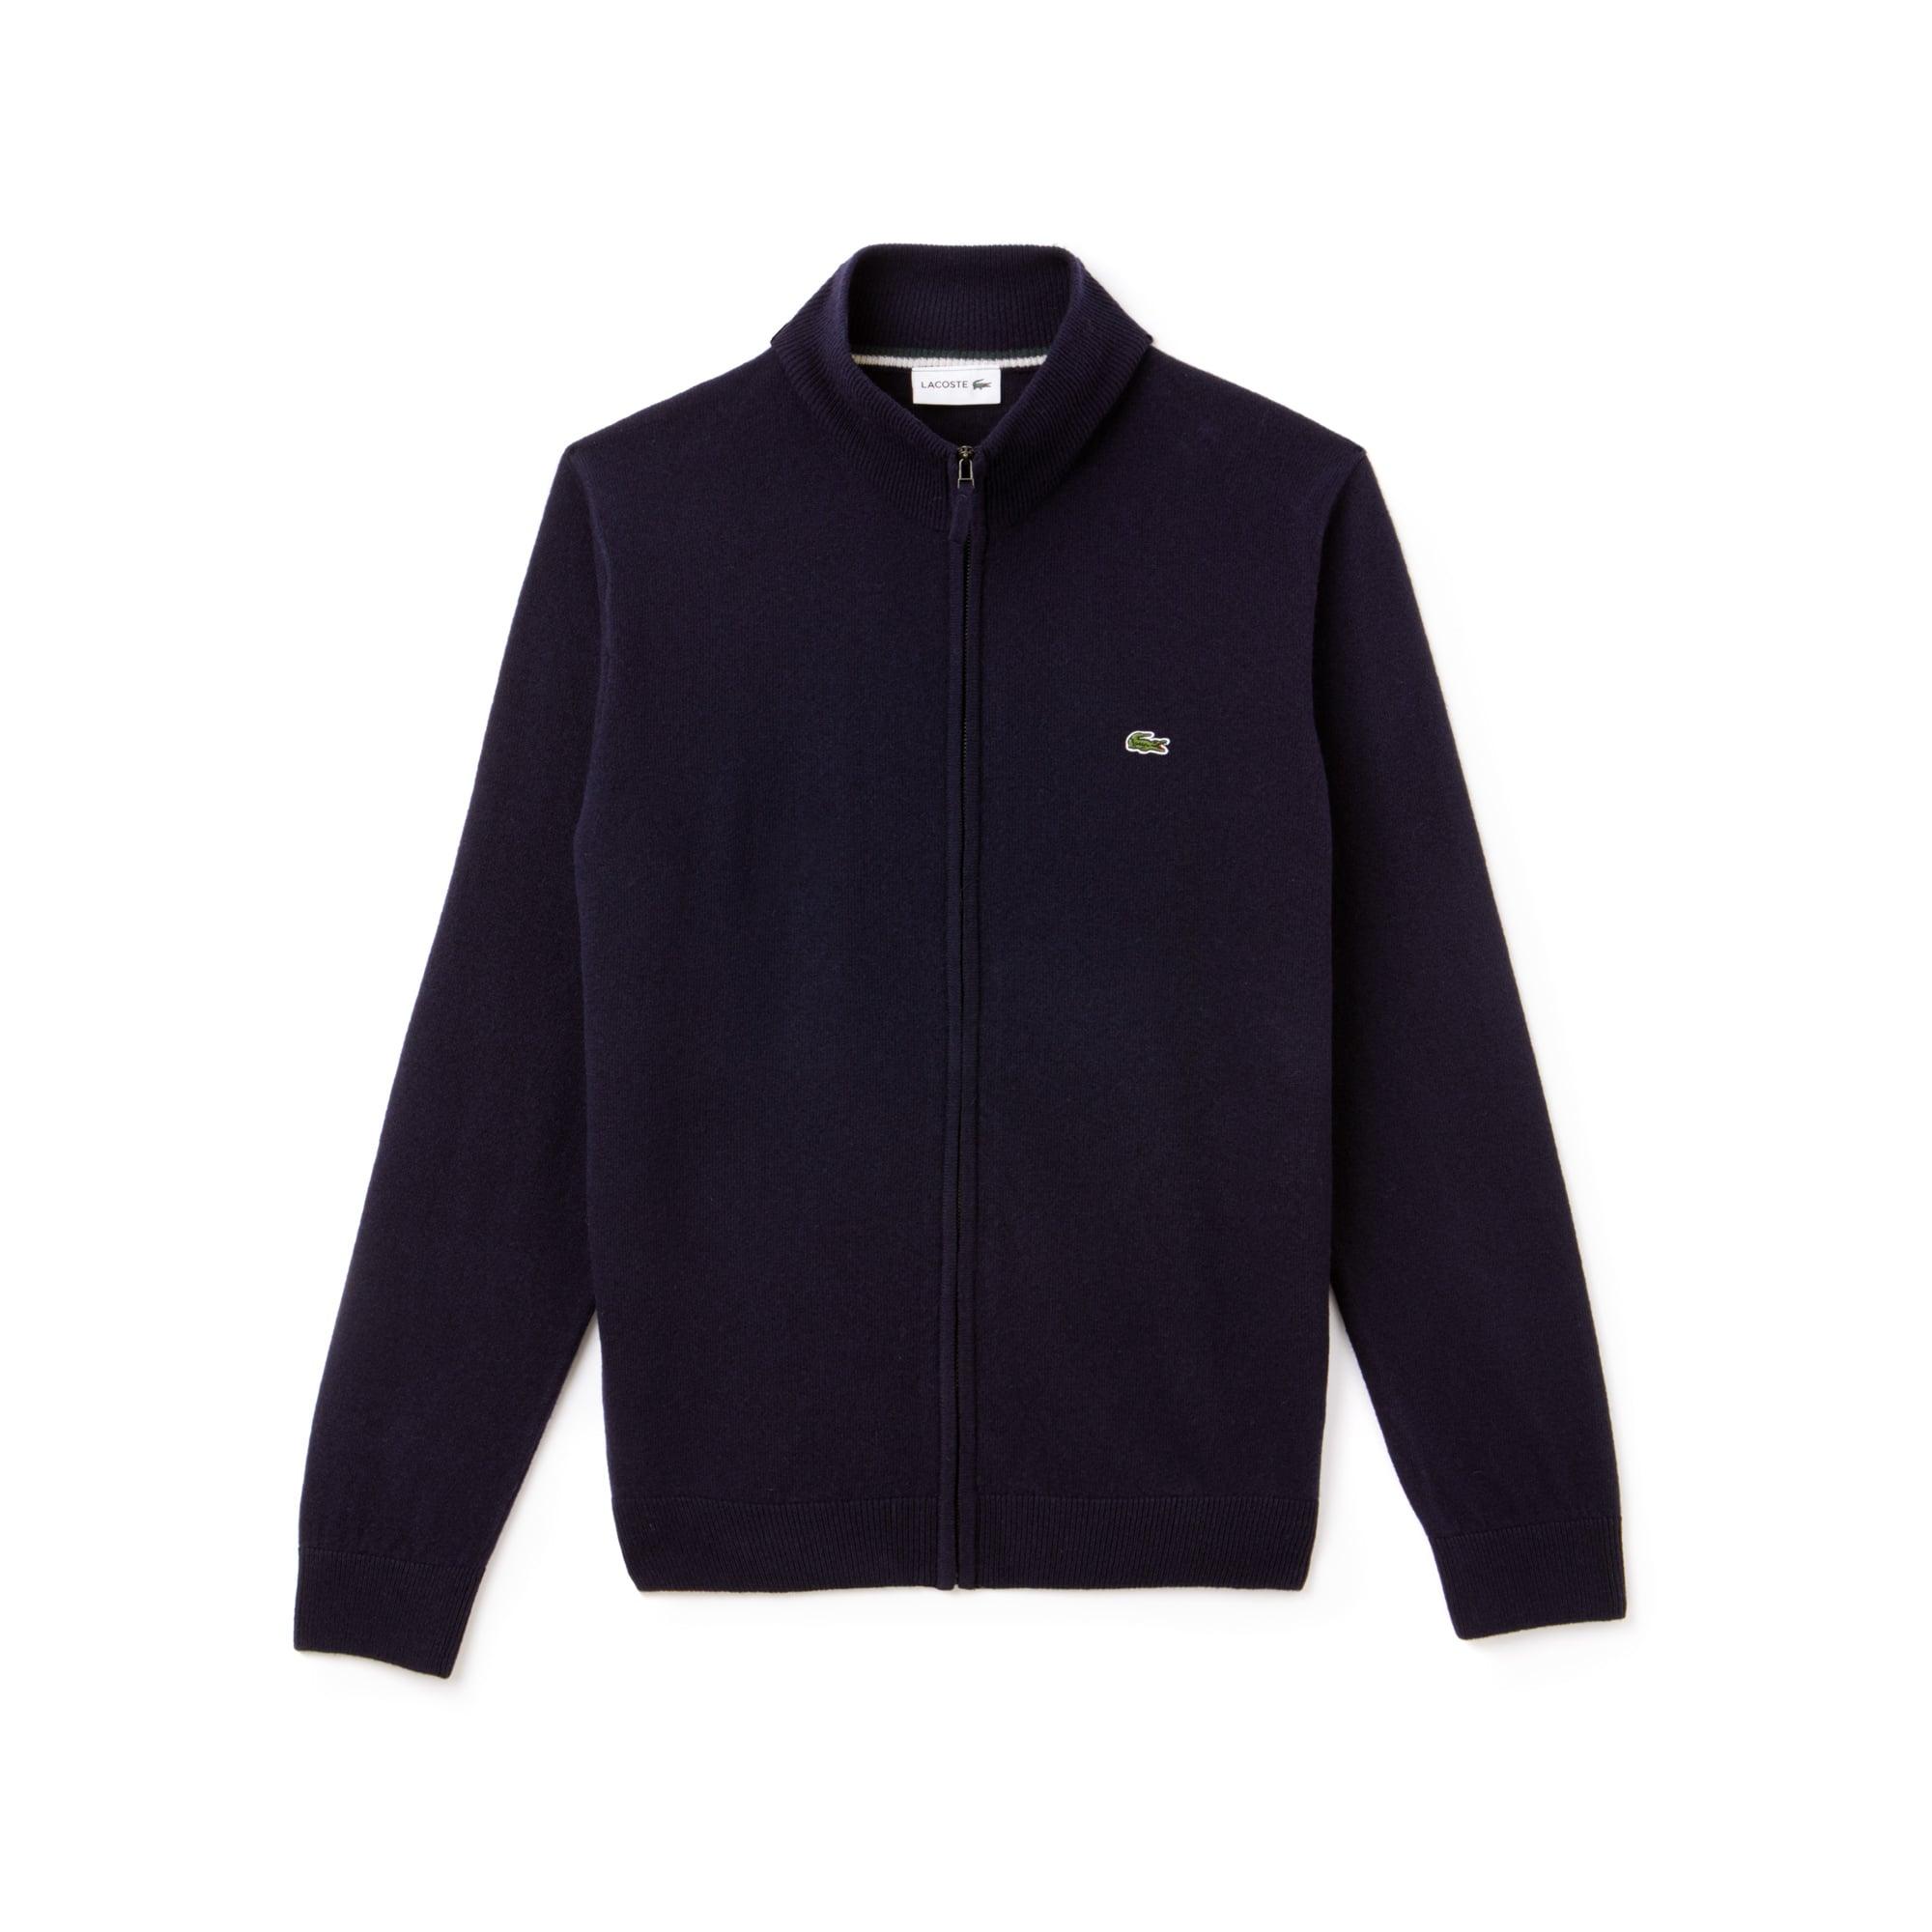 Gilet zippé col montant en jersey de laine uni